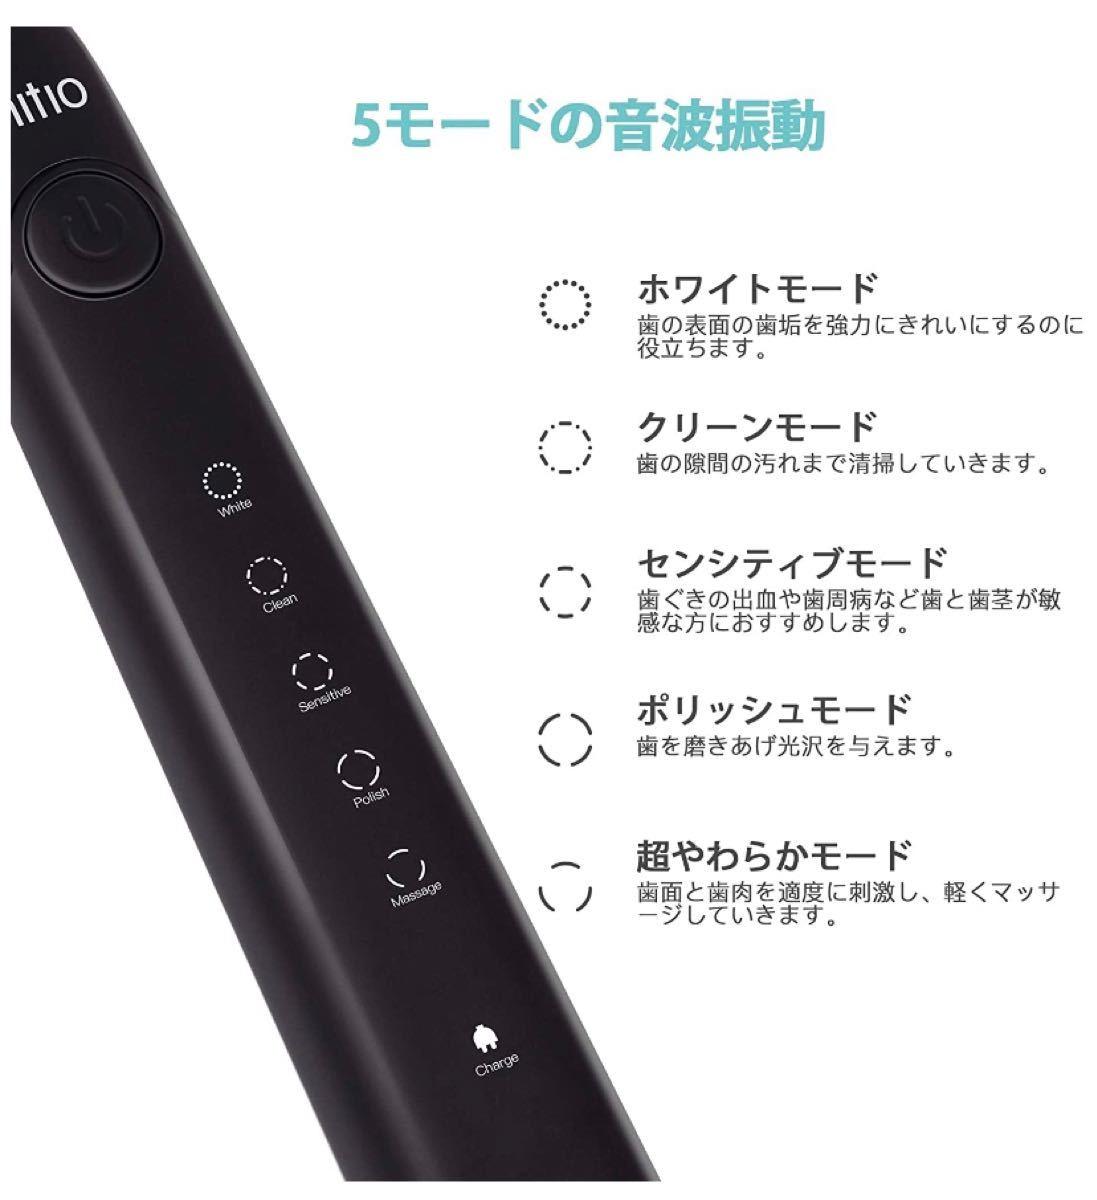 電動歯ブラシ 歯ブラシ ハブラシ 音波歯ブラシ USB充電式 歯磨き 電動歯磨き 3本替えブラシ 口内ケア 五つモードと2分オート